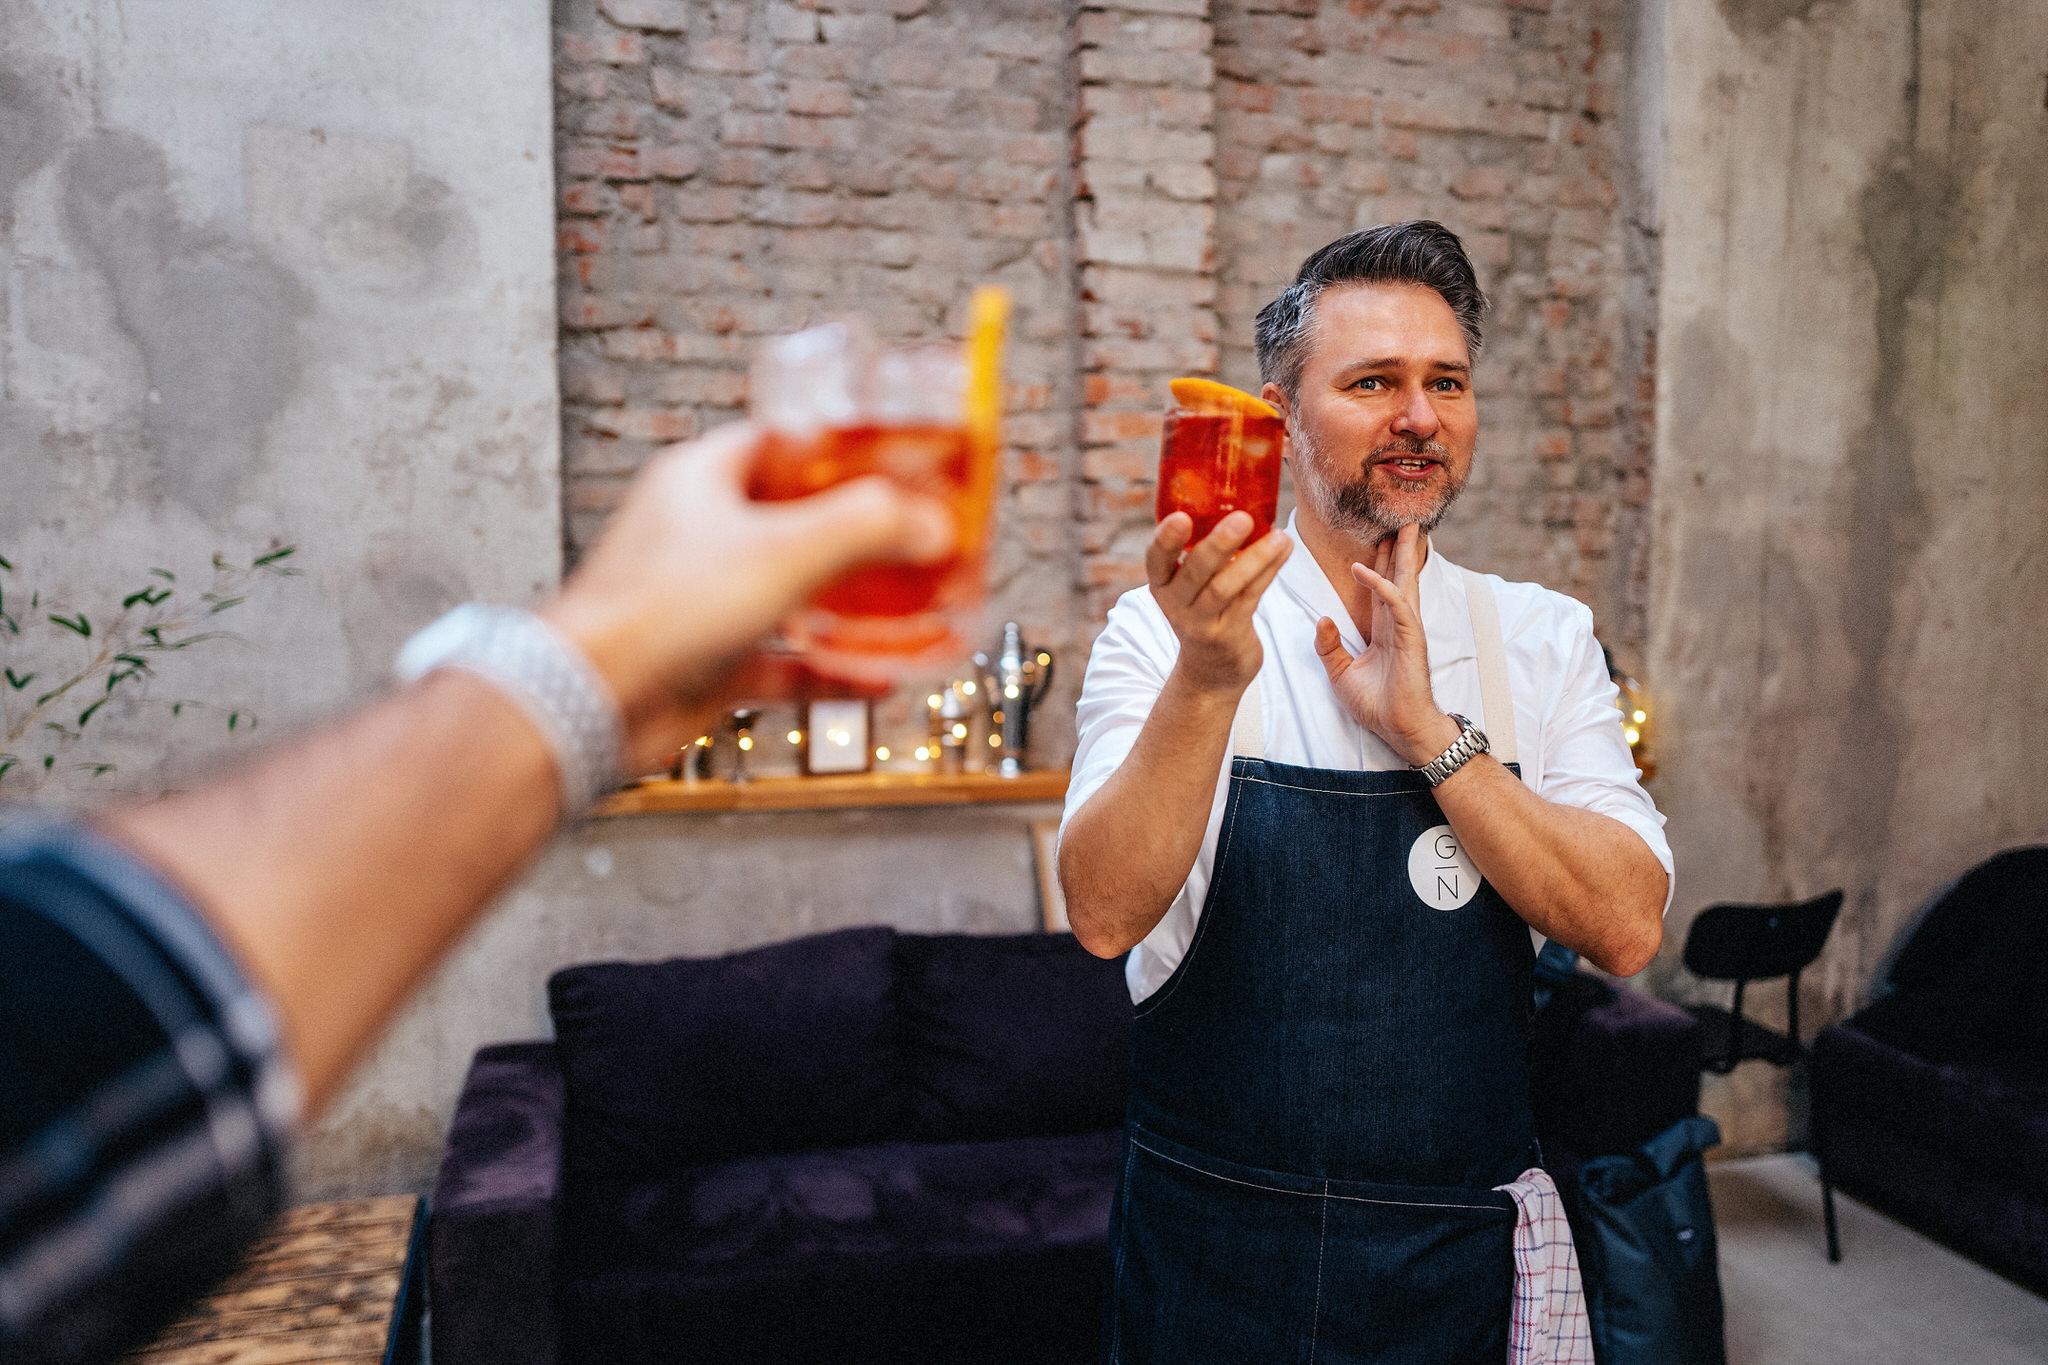 PŘIJĎTE: Online Cocktail Class s G. Němcem a M. Žufánkem